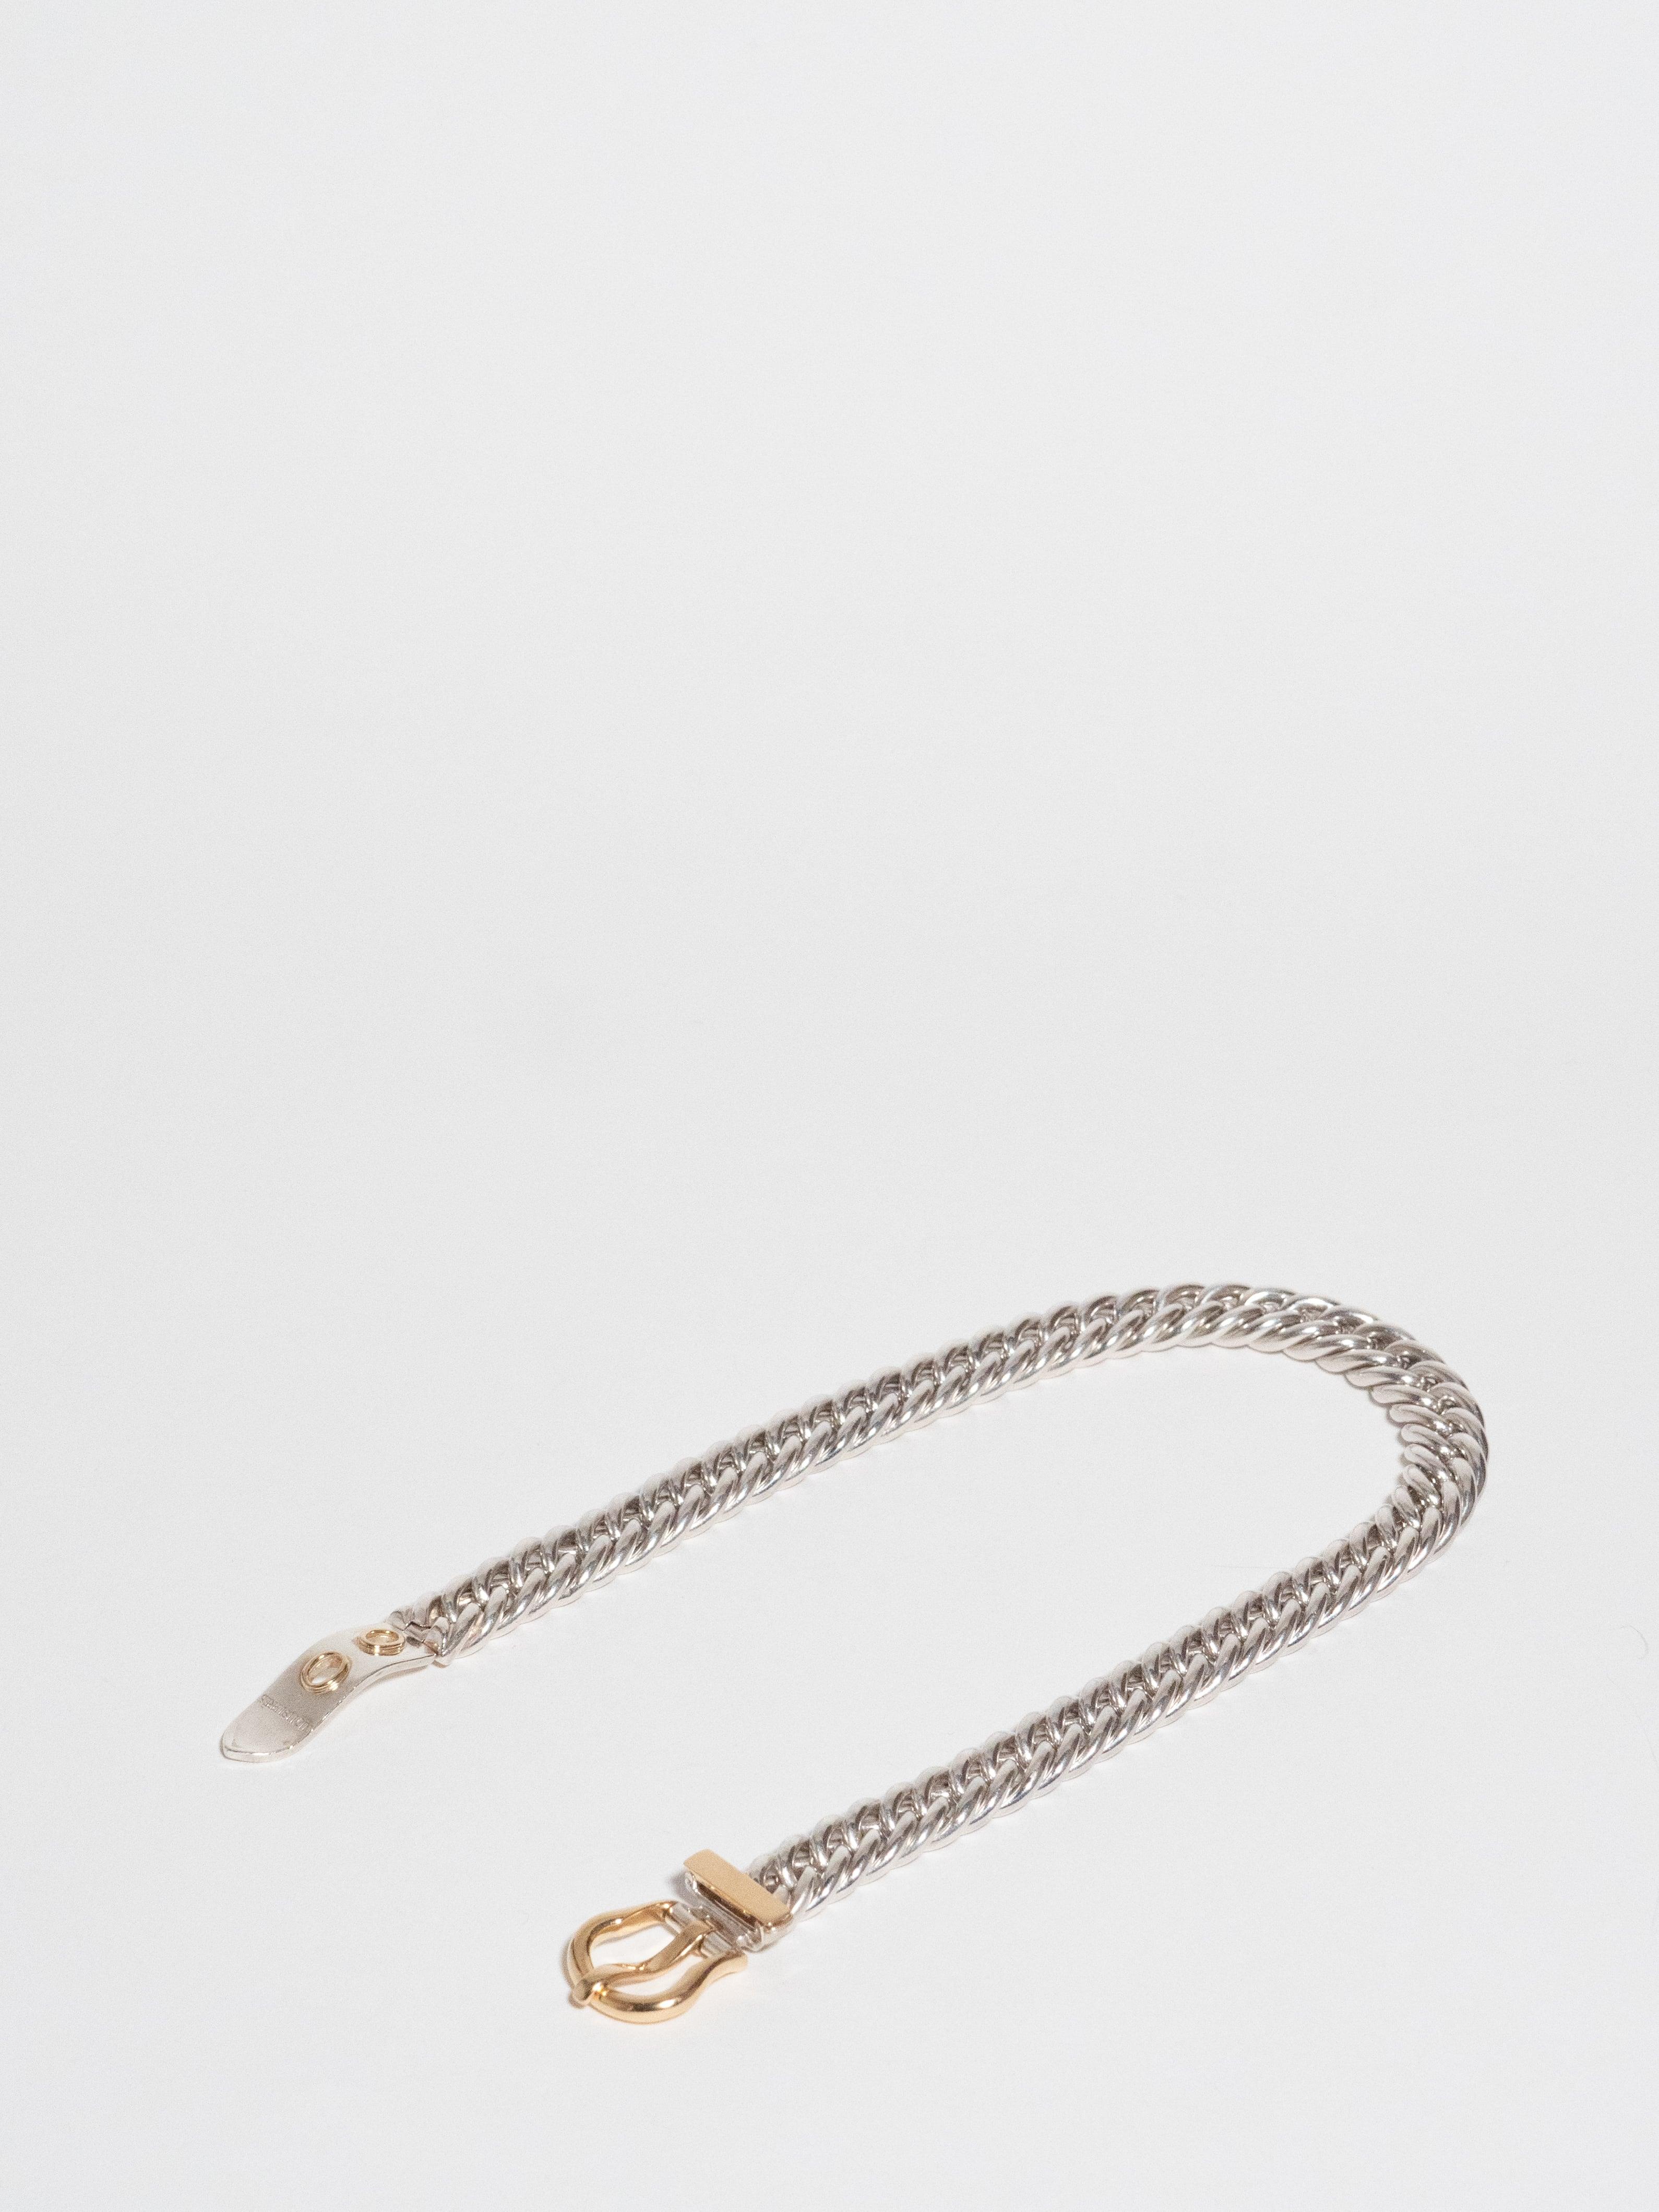 Boucle Sellier Necklace / Hermès